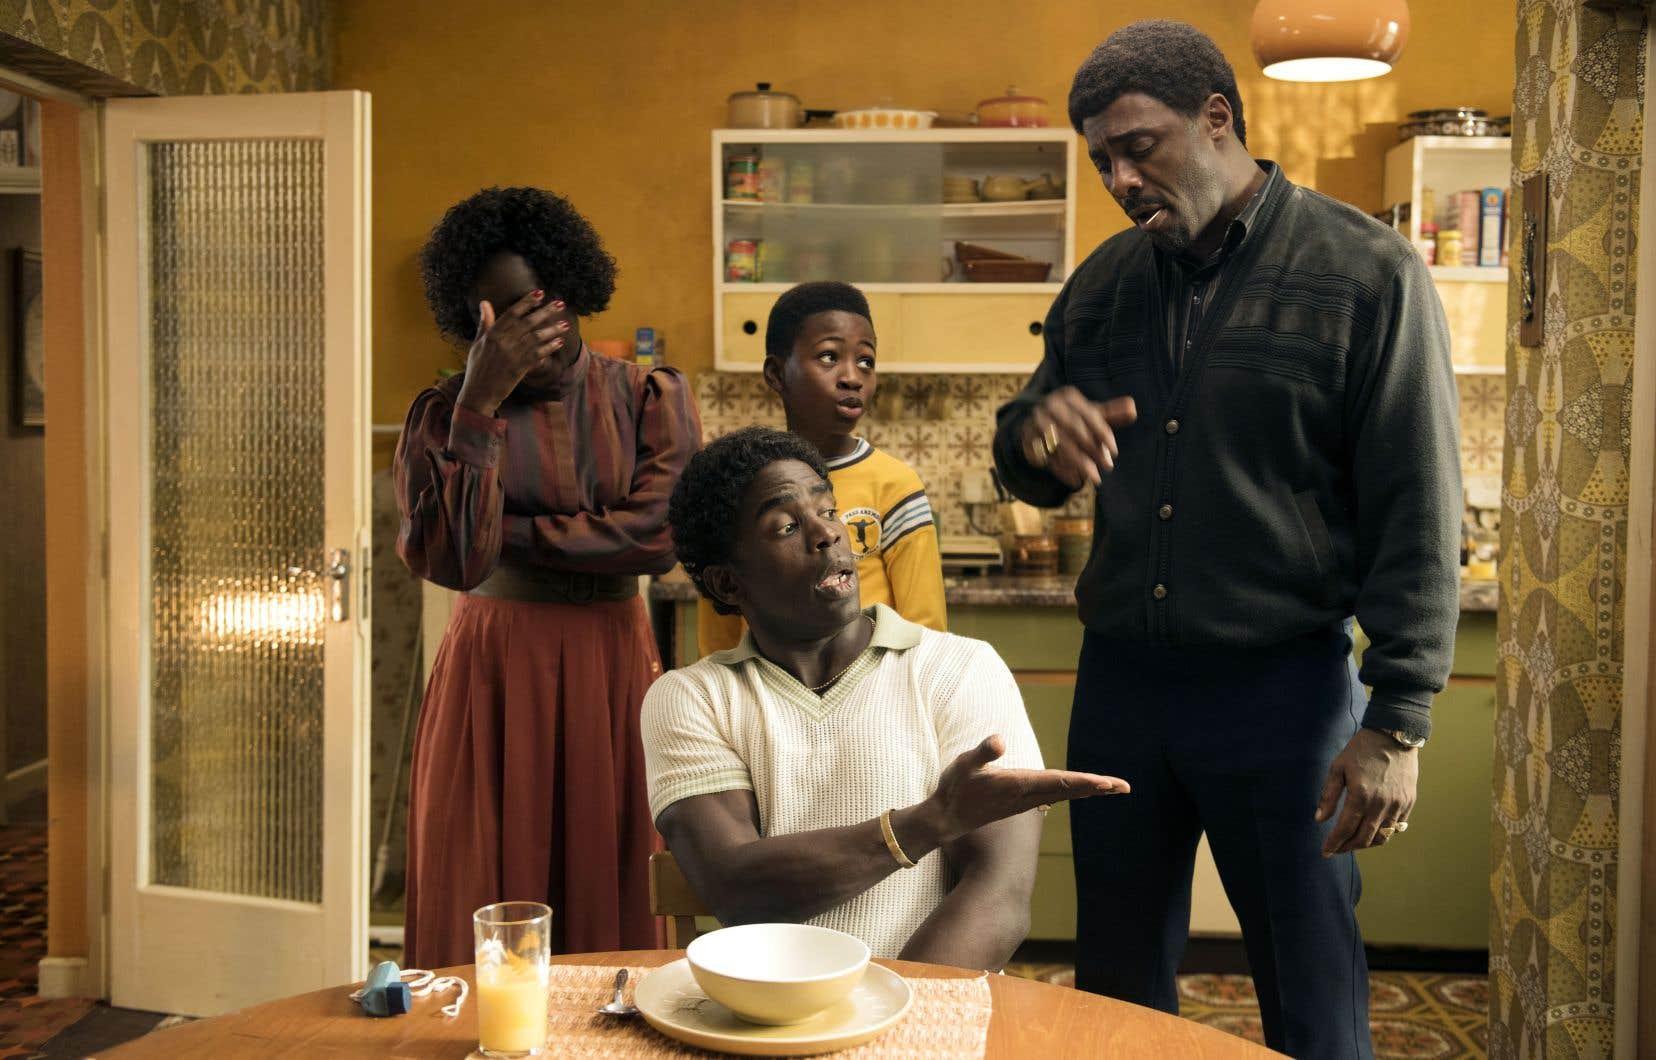 En filigrane de cette comédie familiale et sociale aux accents loufoques et nostalgiques, la question raciale est abordée avec délicatesse et un humour de circonstance.